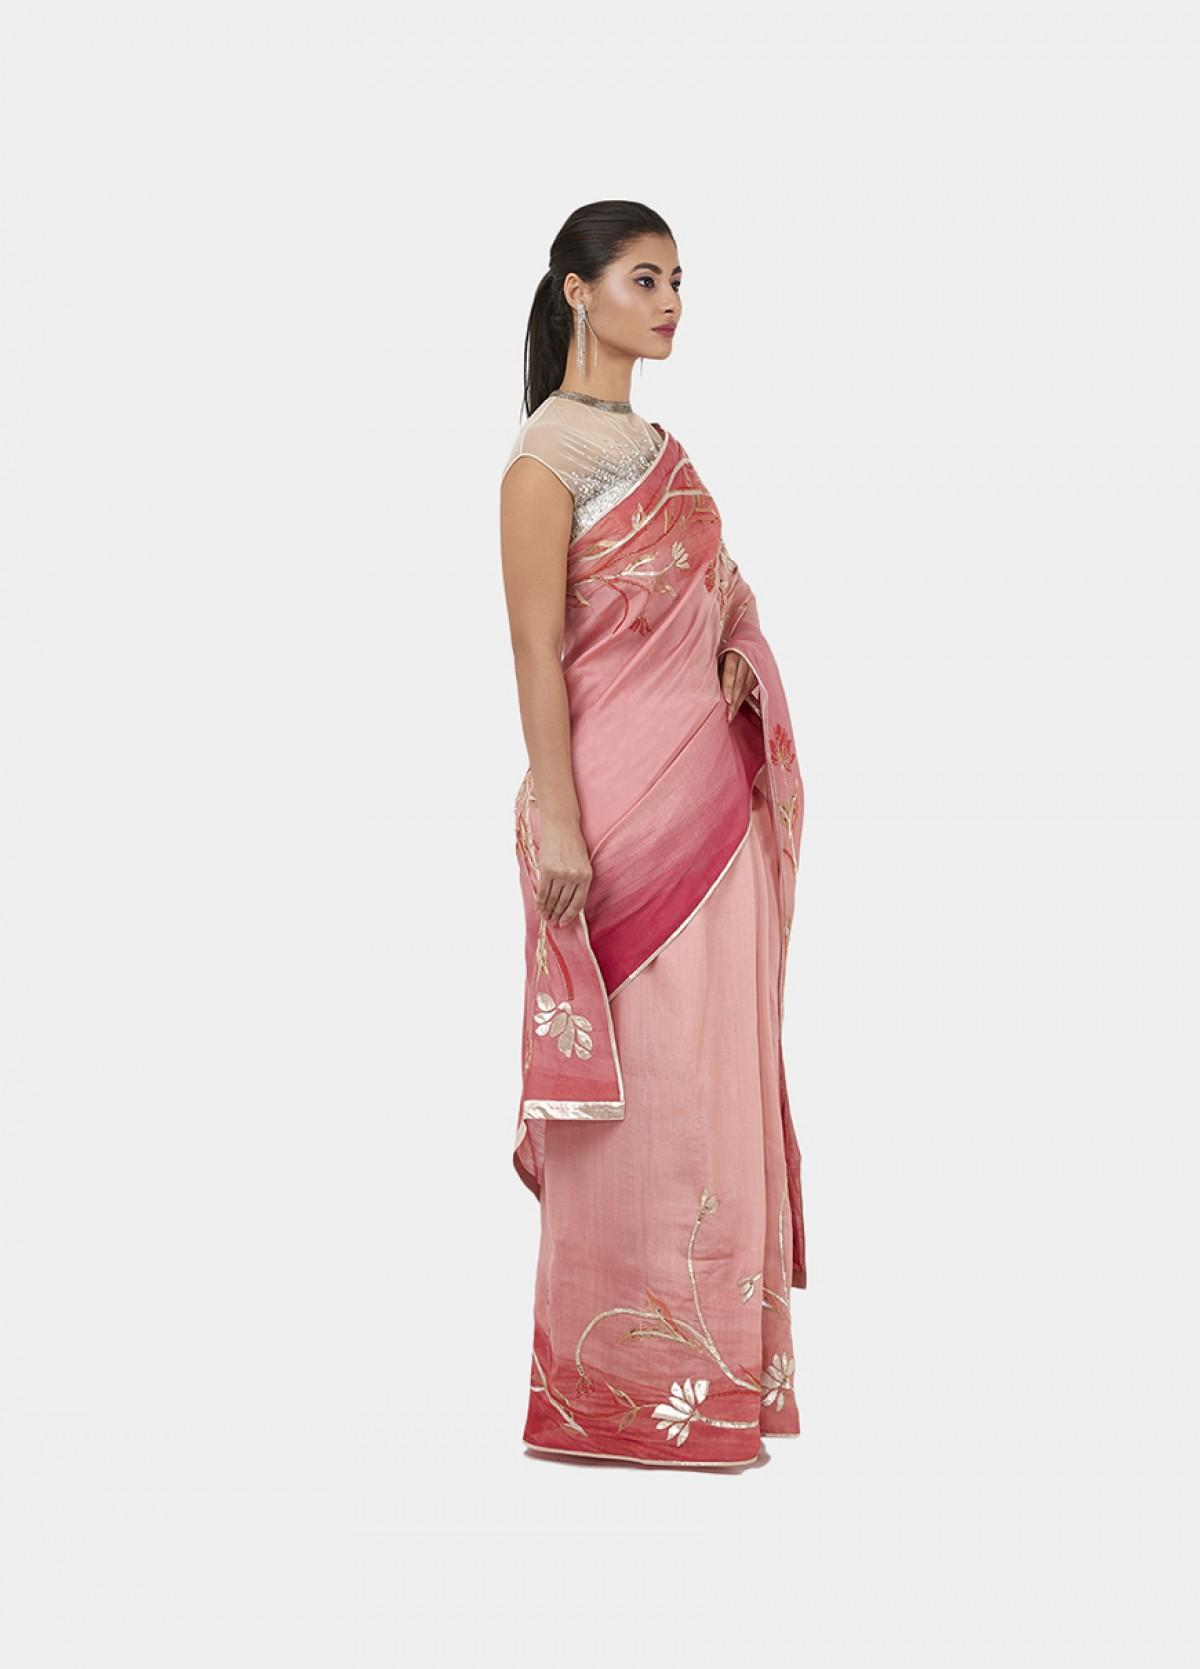 The Lotus Art Sari